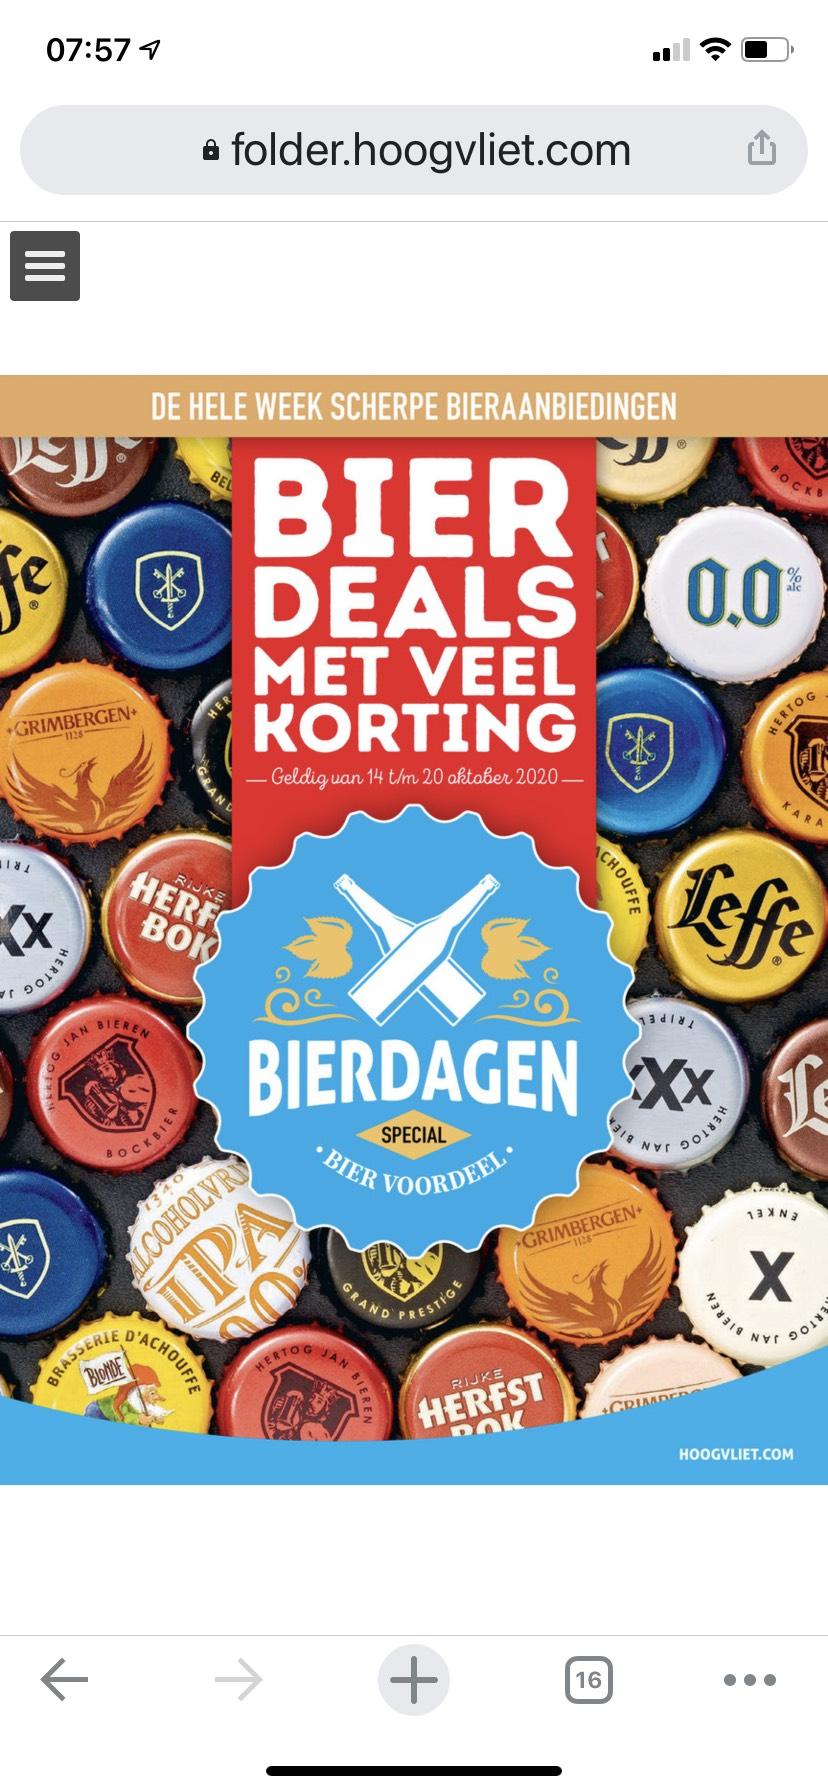 [Hoogvliet] speciaal bier 50% korting OA Leffe,Affligem